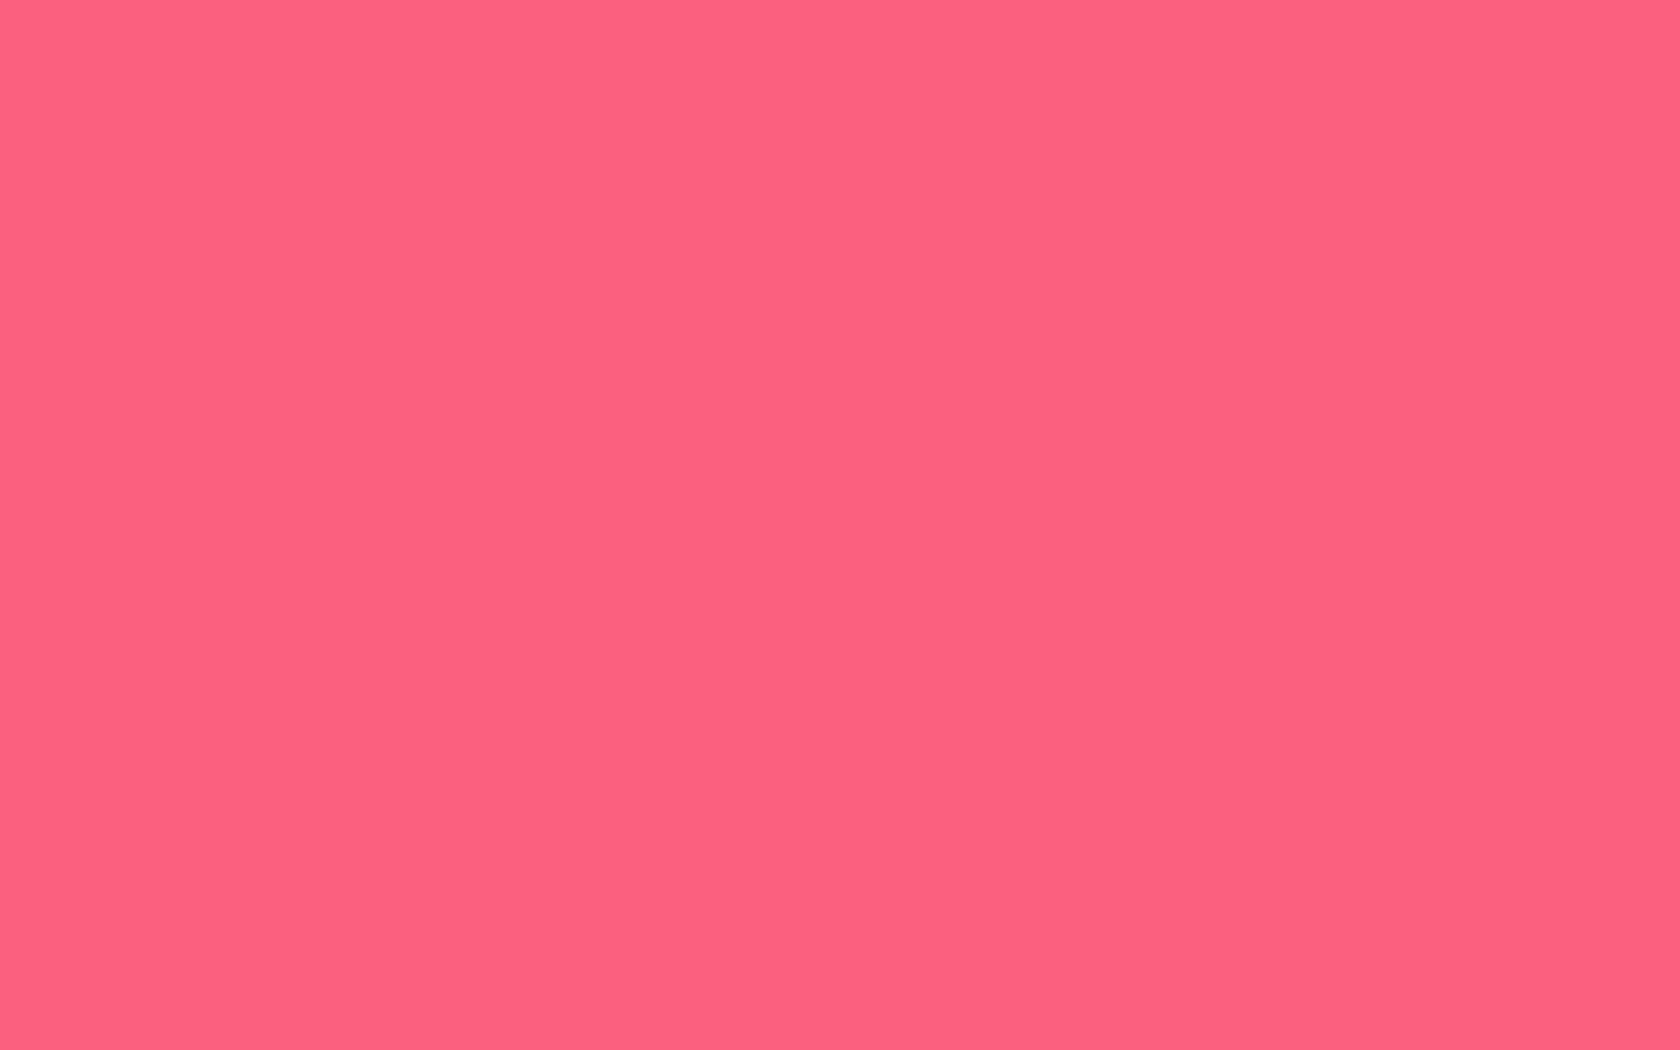 1680x1050 Brink Pink Solid Color Background